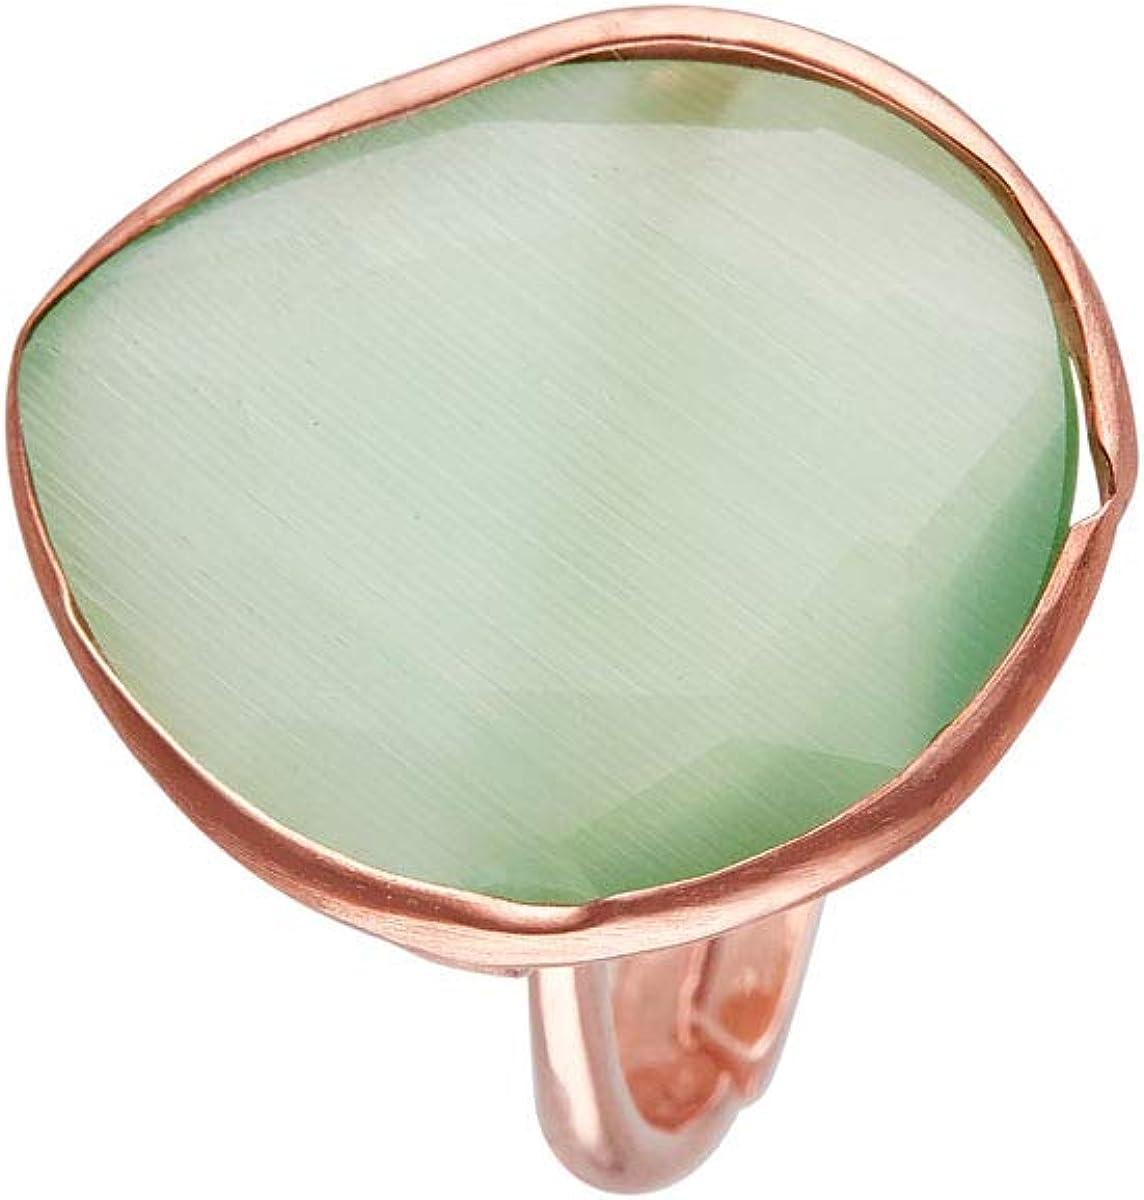 Córdoba Jewels | Sortija en Plata de Ley 925 bañada en Oro Rosa con Piedra semipreciosa con diseño Luxury Jade Rose Gold